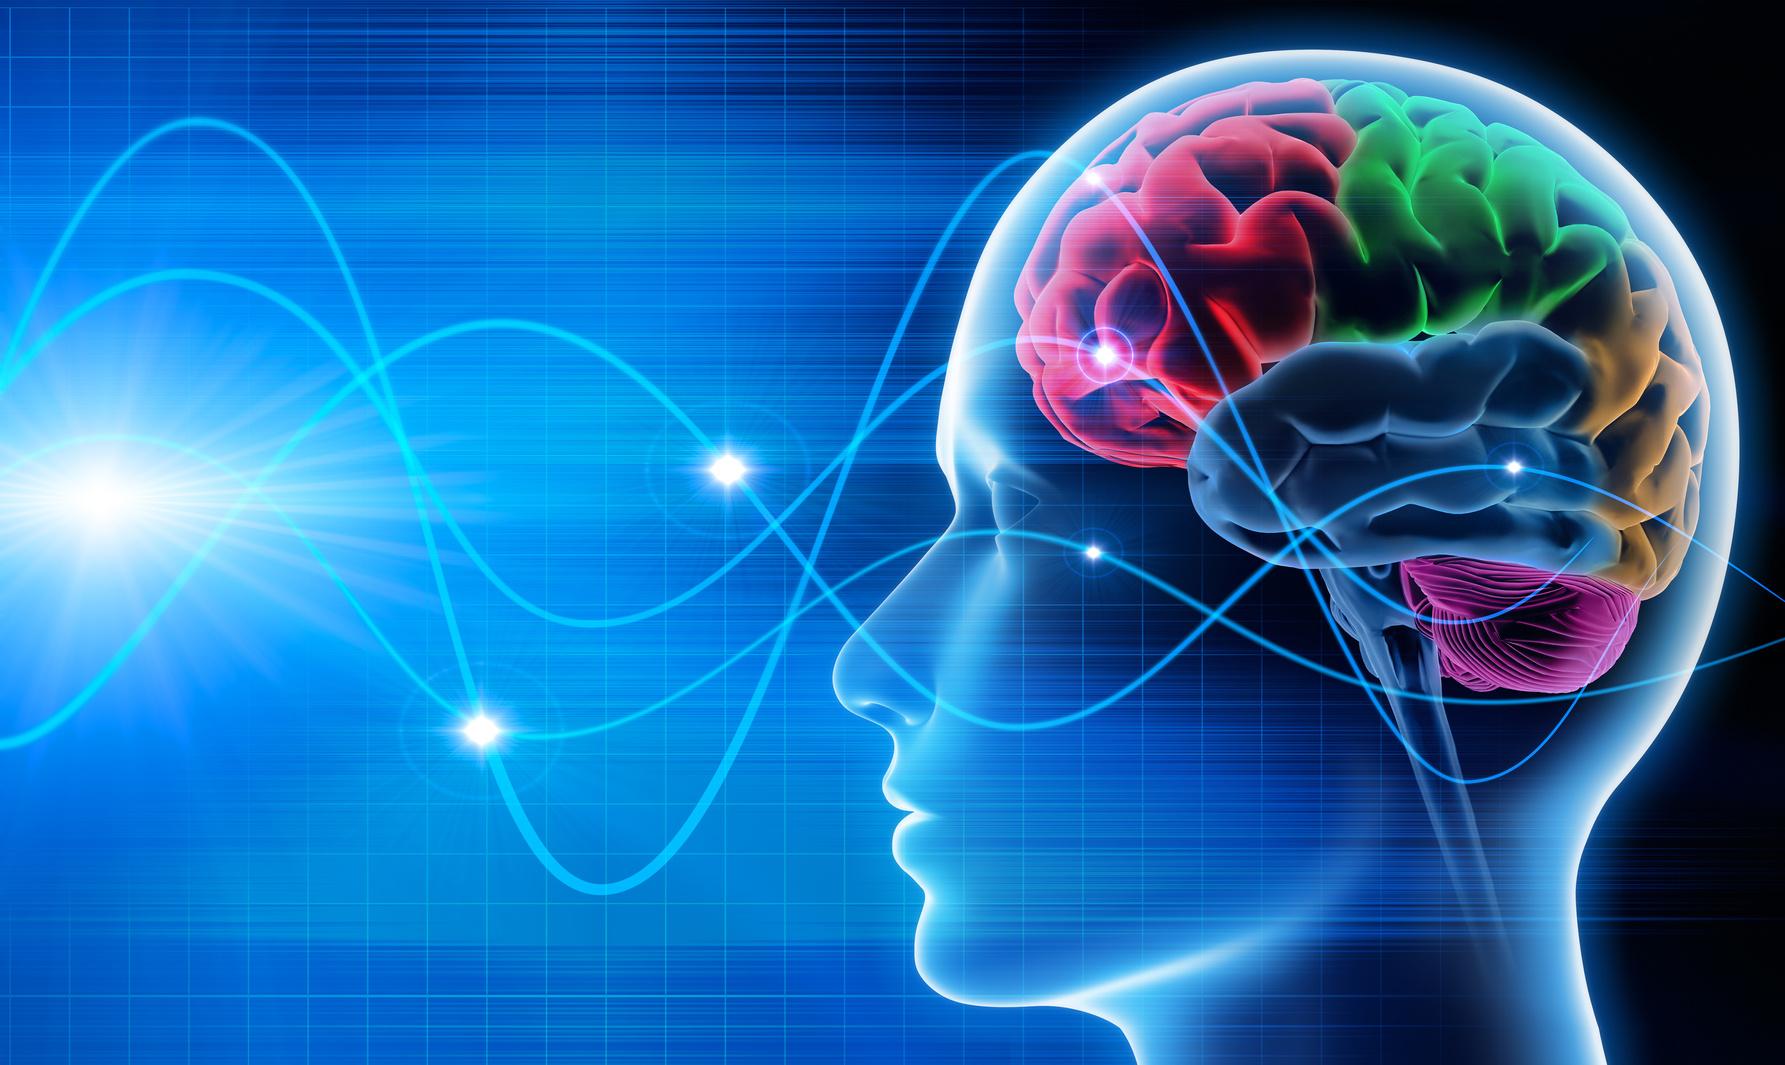 Gehirnwellen - Stimulation bei der Raucherentwöhnung